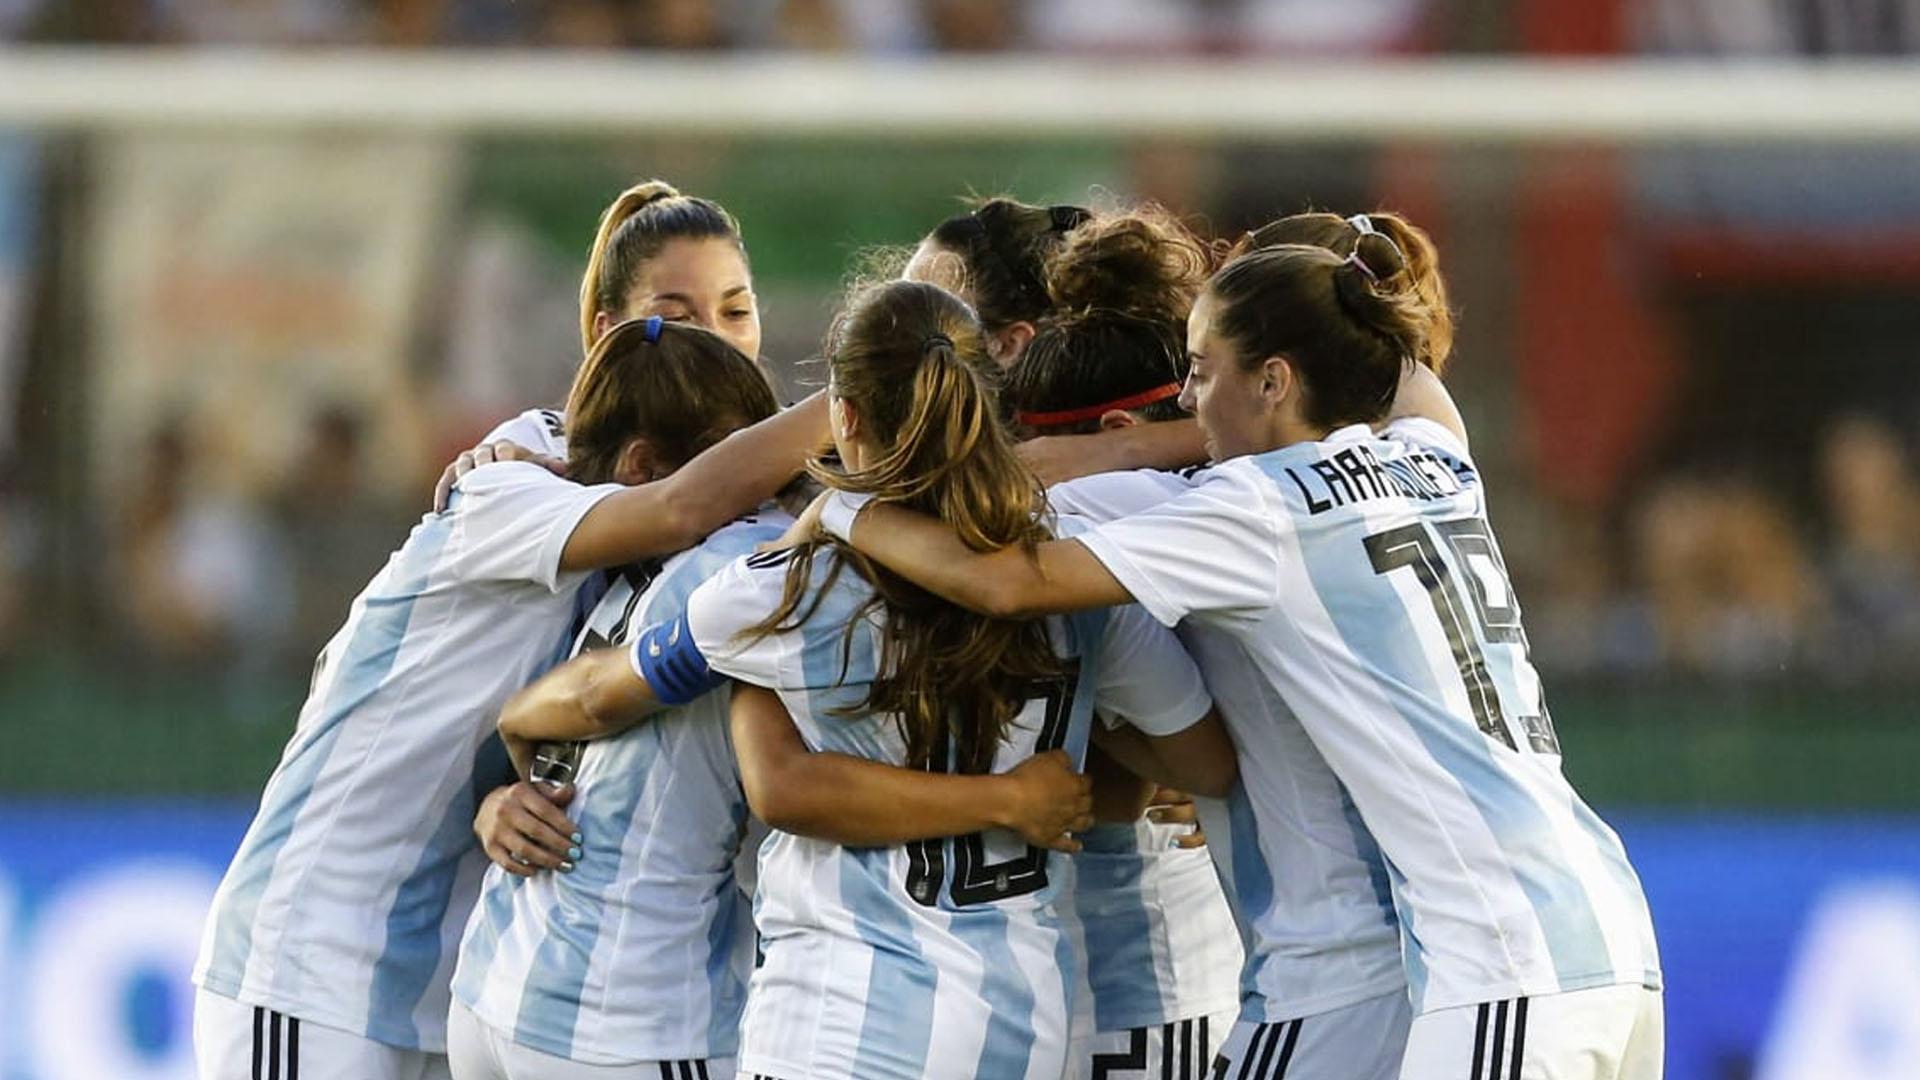 Vale recordar que la selección femenina de fútbol fue una de las más perjudicadas de la profunda crisis que sufrió la Asociación del Fútbol Argentino, ya que entre julio de 2015 y agosto de 2017 no tuvo competencia ni cuerpo técnico (Nicolás Aboaf)